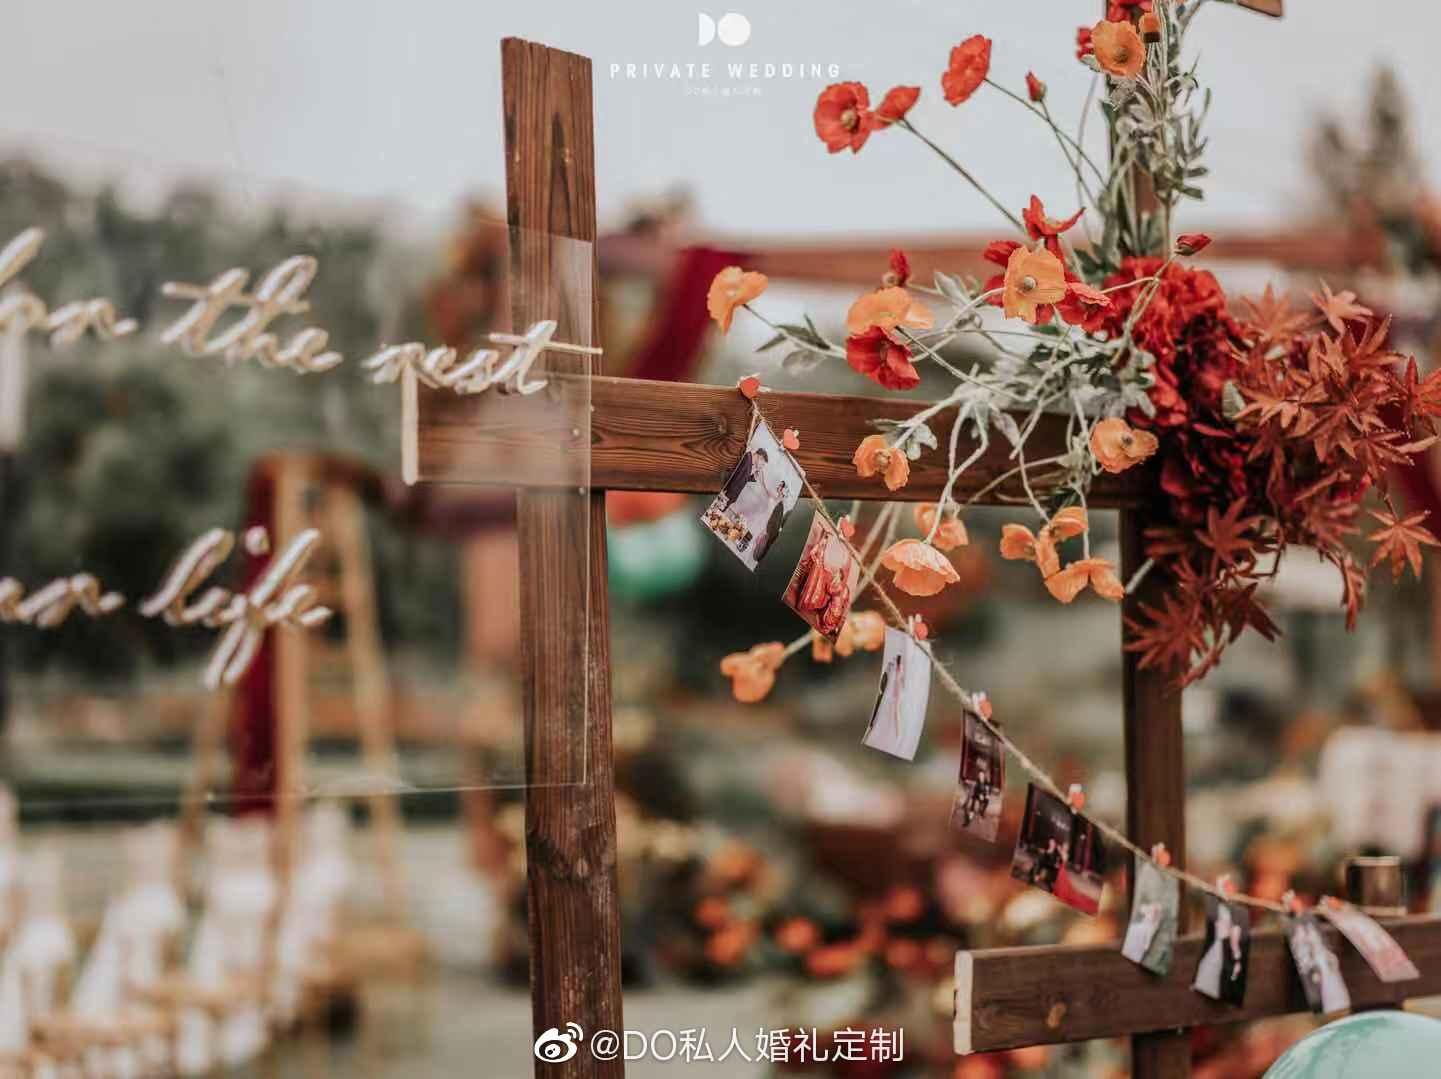 《秋色》 在深秋嫁给深爱的人。 婚礼策划:@DO私人婚礼定制